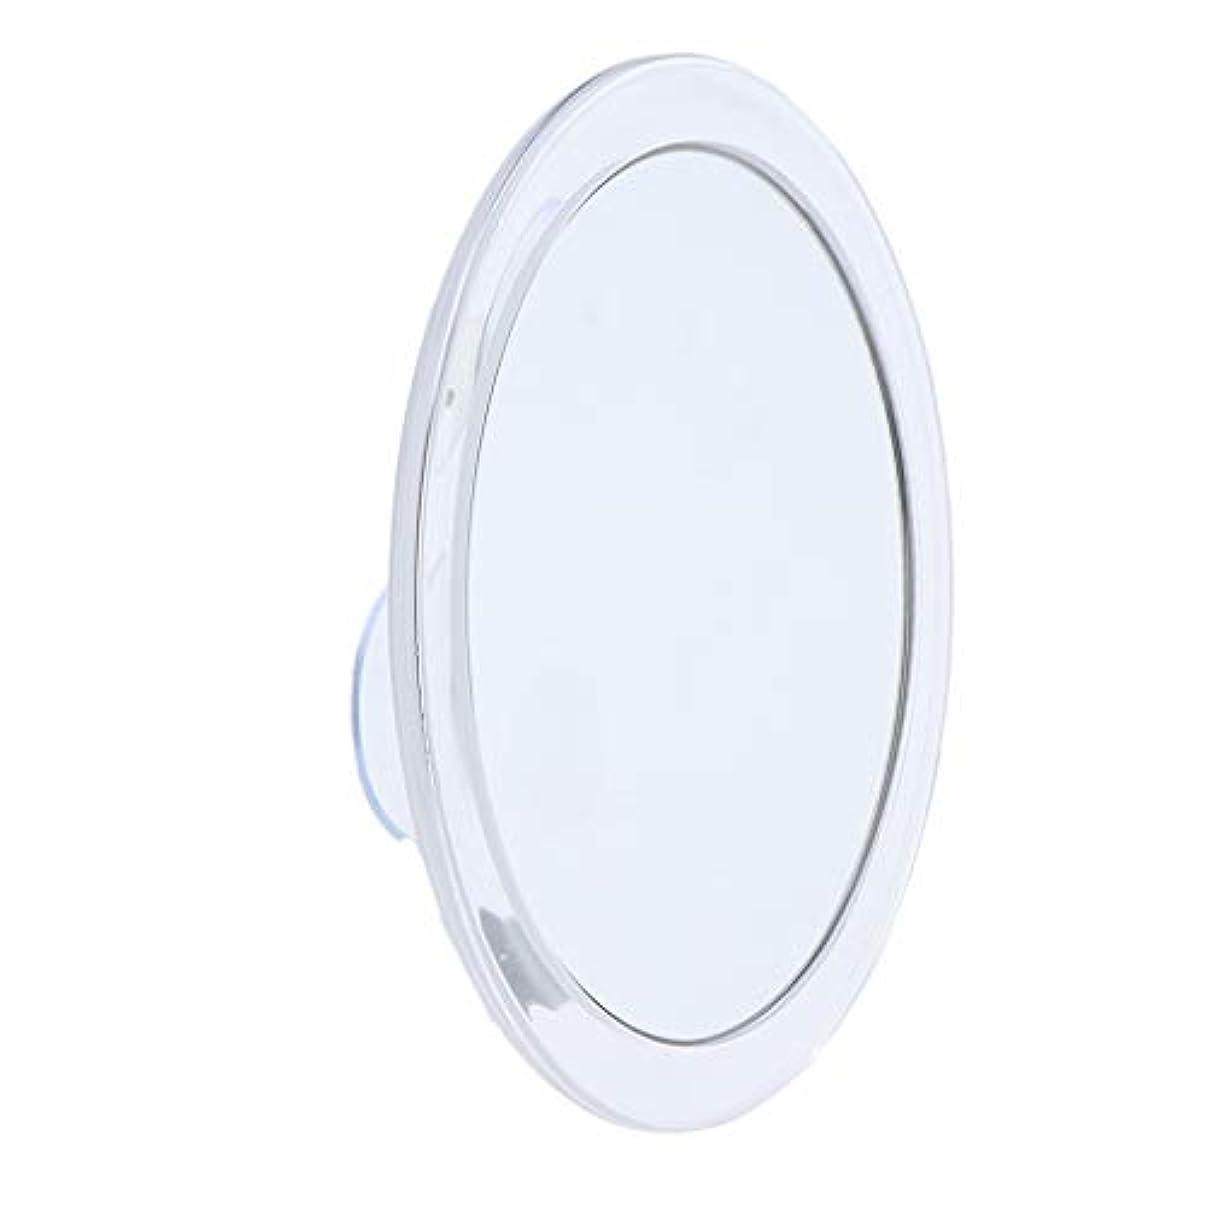 うんざりセットする参照Toygogo サクションミラー 化粧ミラー 化粧鏡 メイクアップミラー 5倍 拡大鏡 吸盤付き